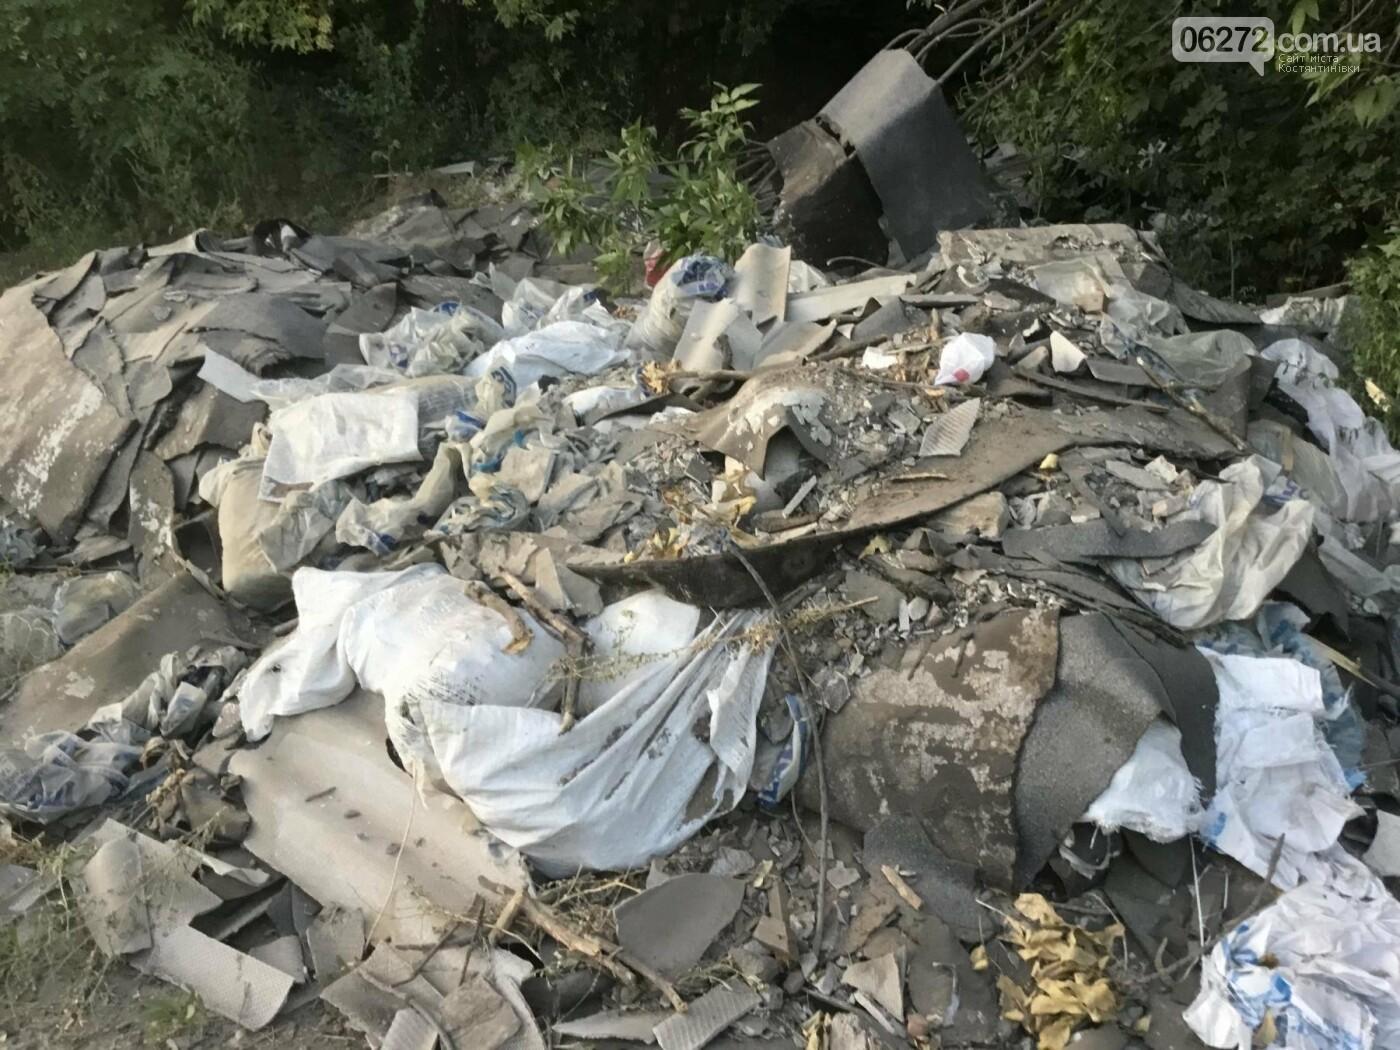 Как константиновцы экономят на вывозе мусора, фото-3